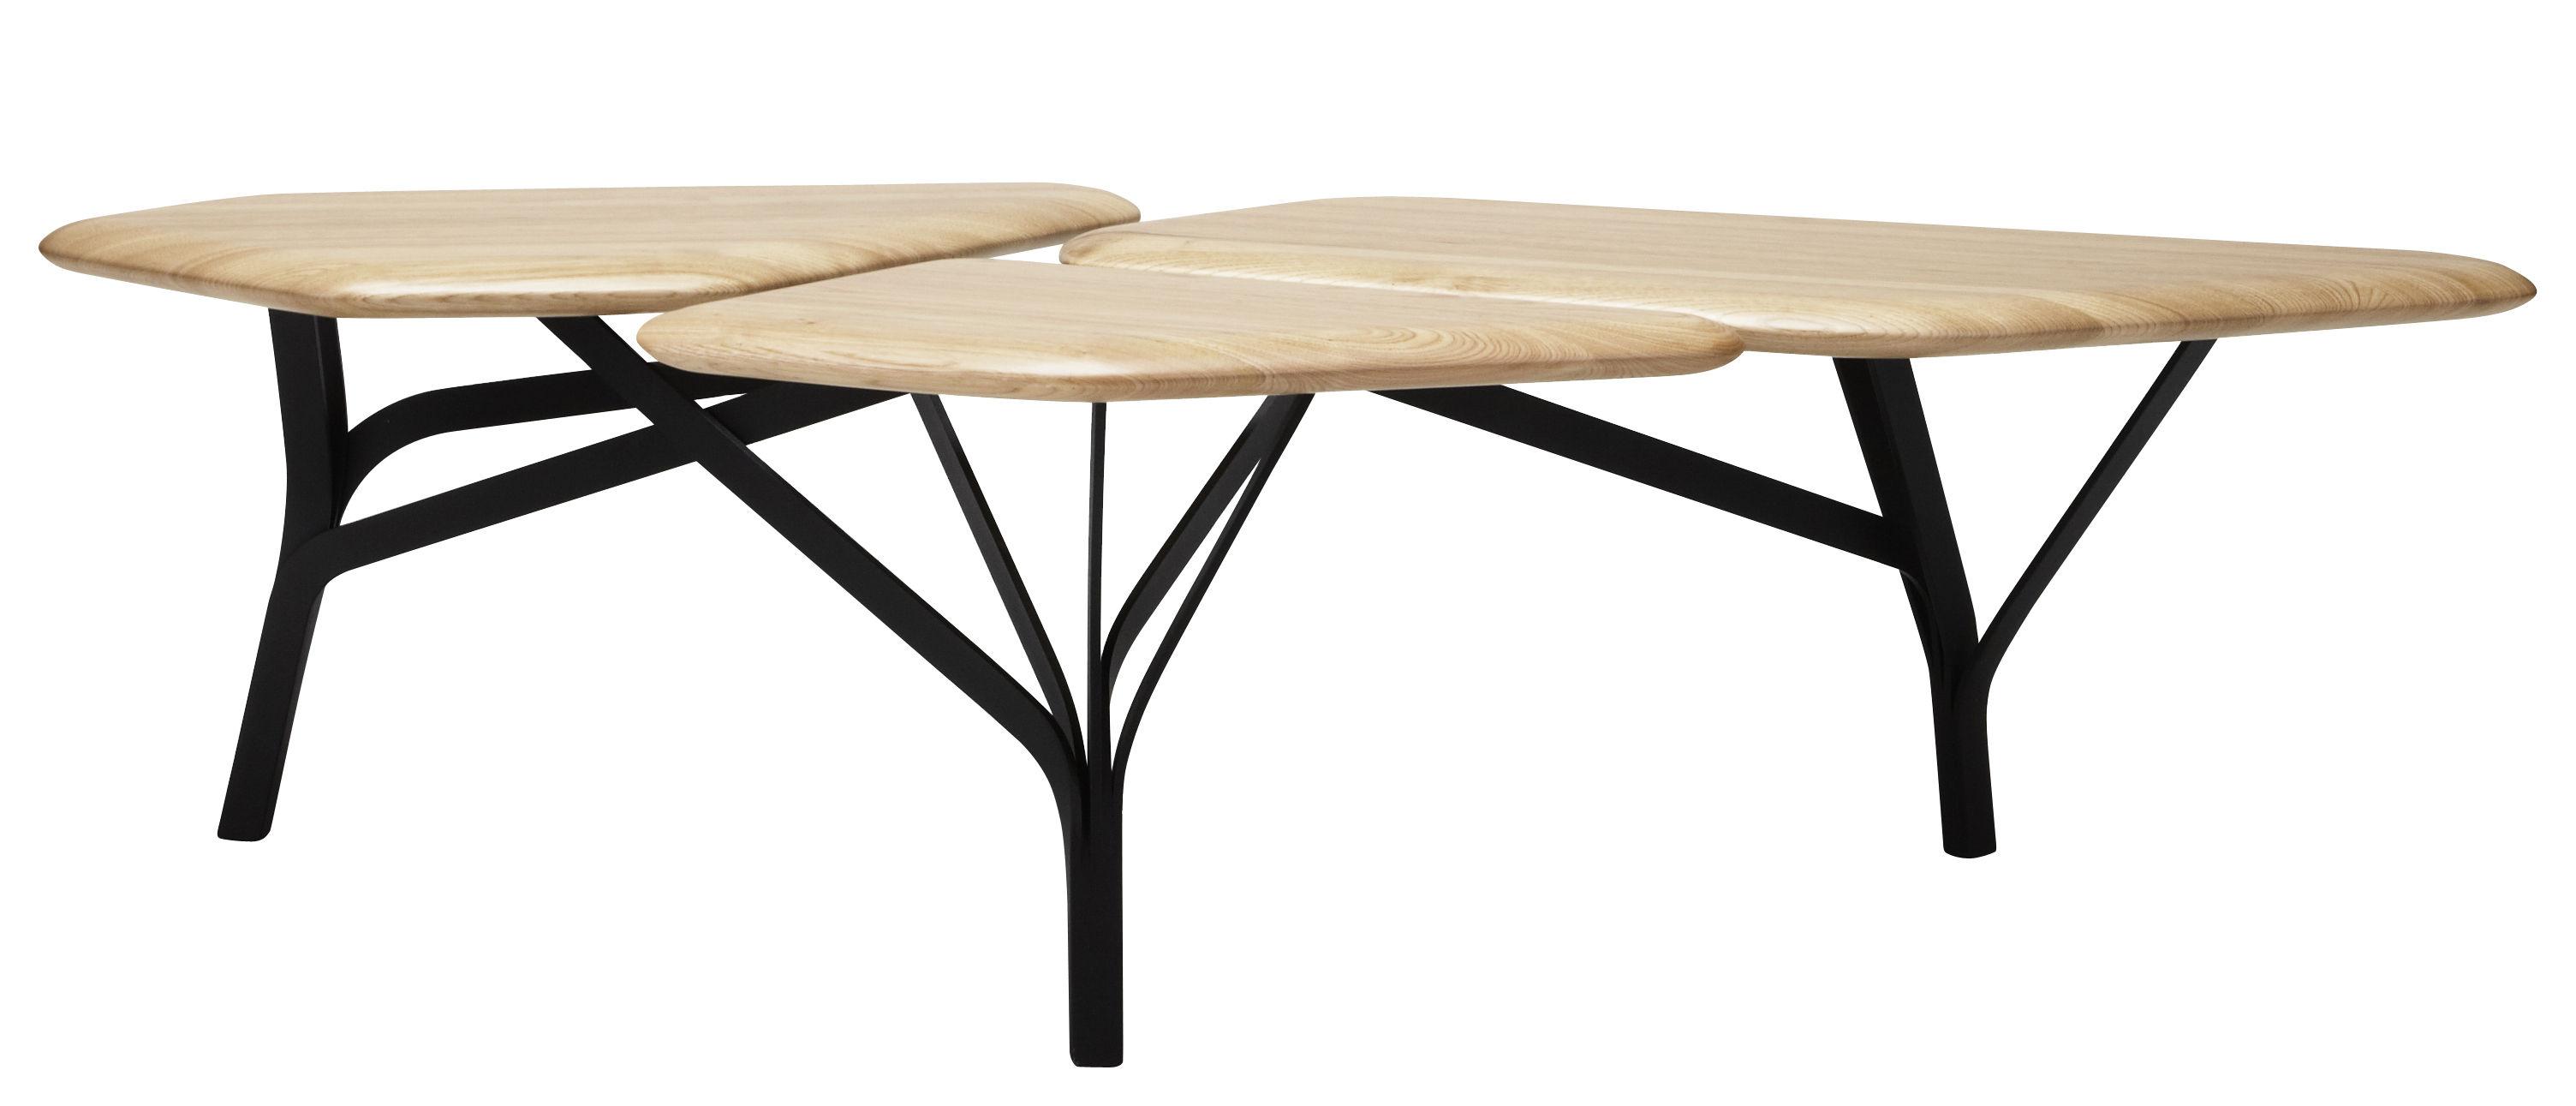 Table basse borghese 139 x 64 cm 3 plateaux ch ne ch ne naturel pieds no - Table basse design 3 pieds ...